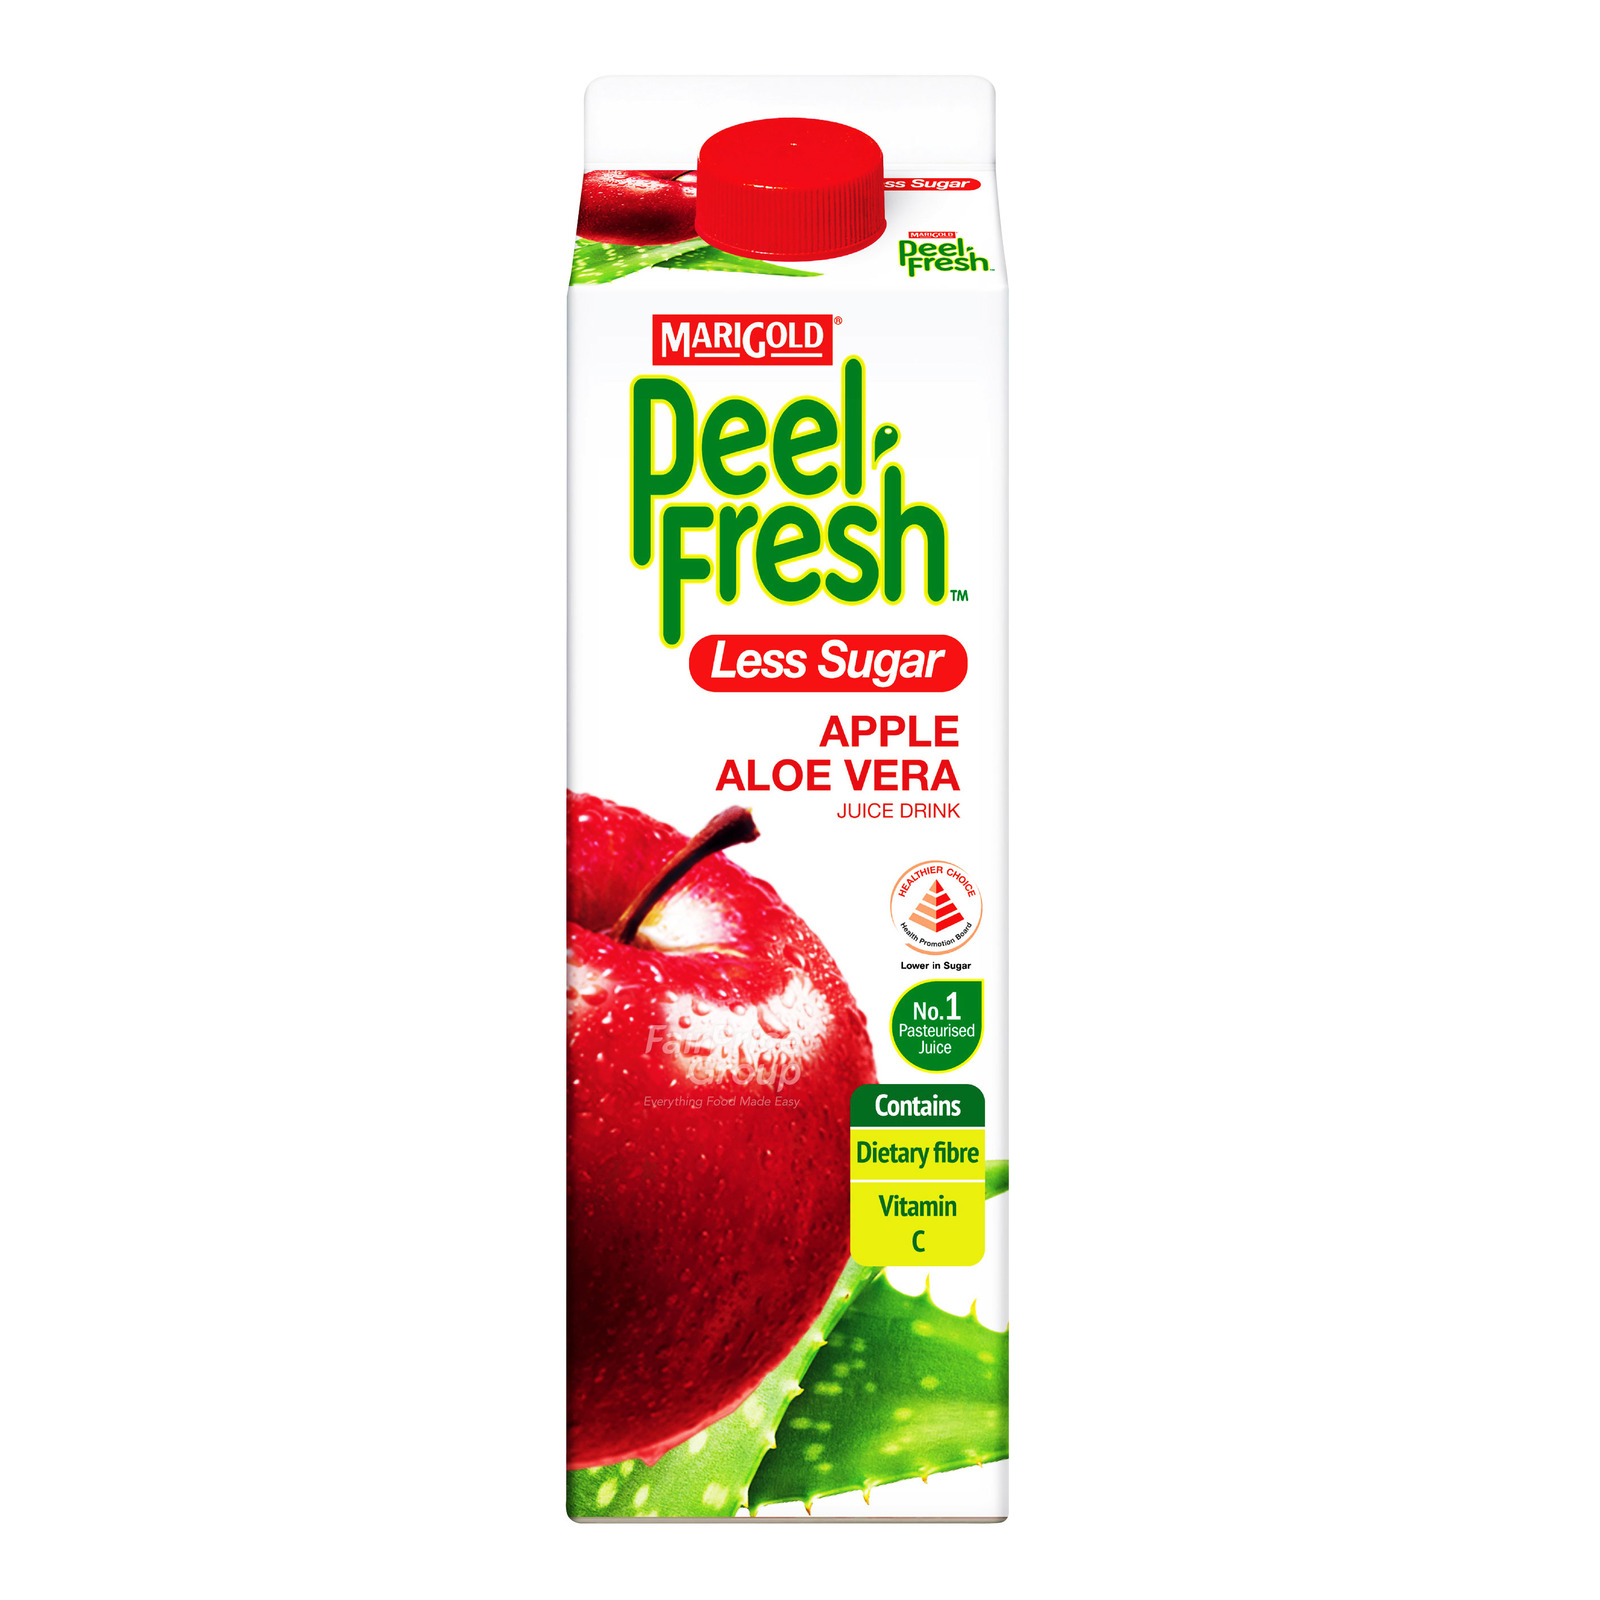 Marigold Peel Fresh Juice - Apple & Aloe Vera (Less Sugar)